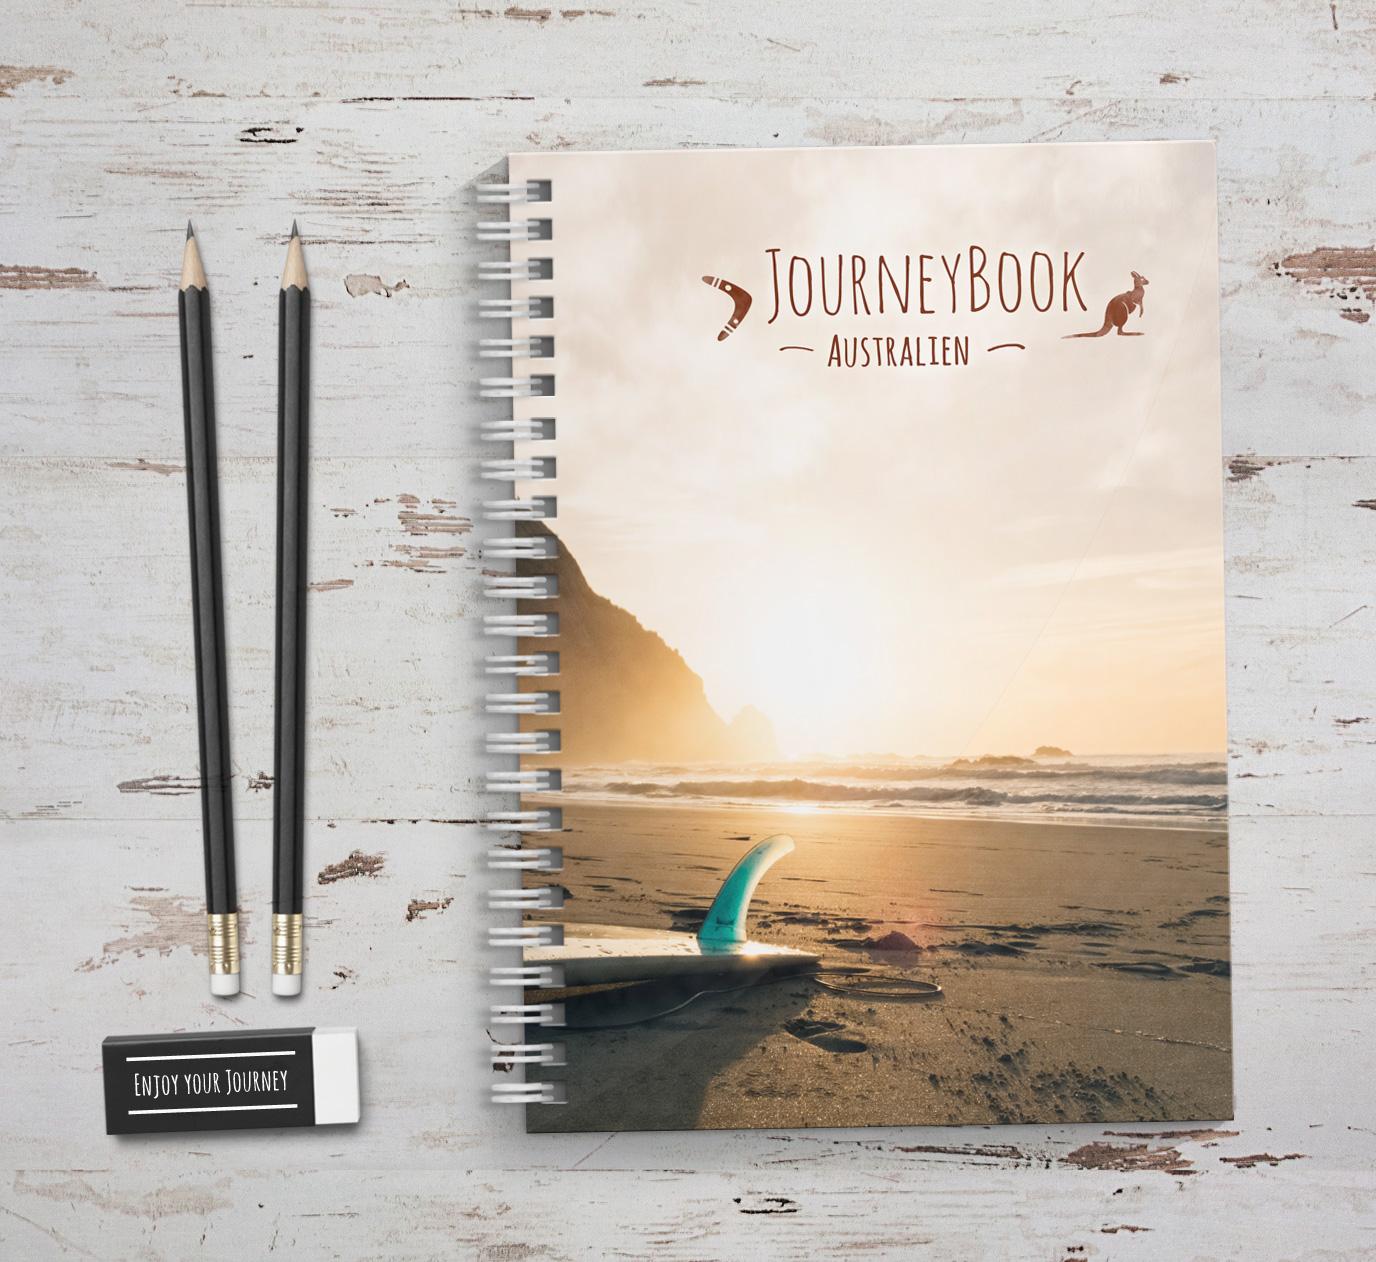 Reisetagebuch australien journeybook for Abschiedsgeschenk auslandsjahr